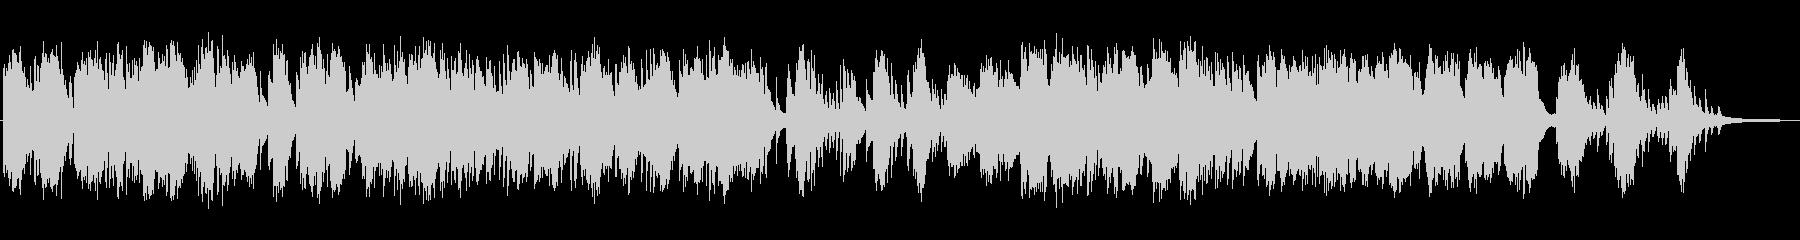 静かな物語のピアノの未再生の波形